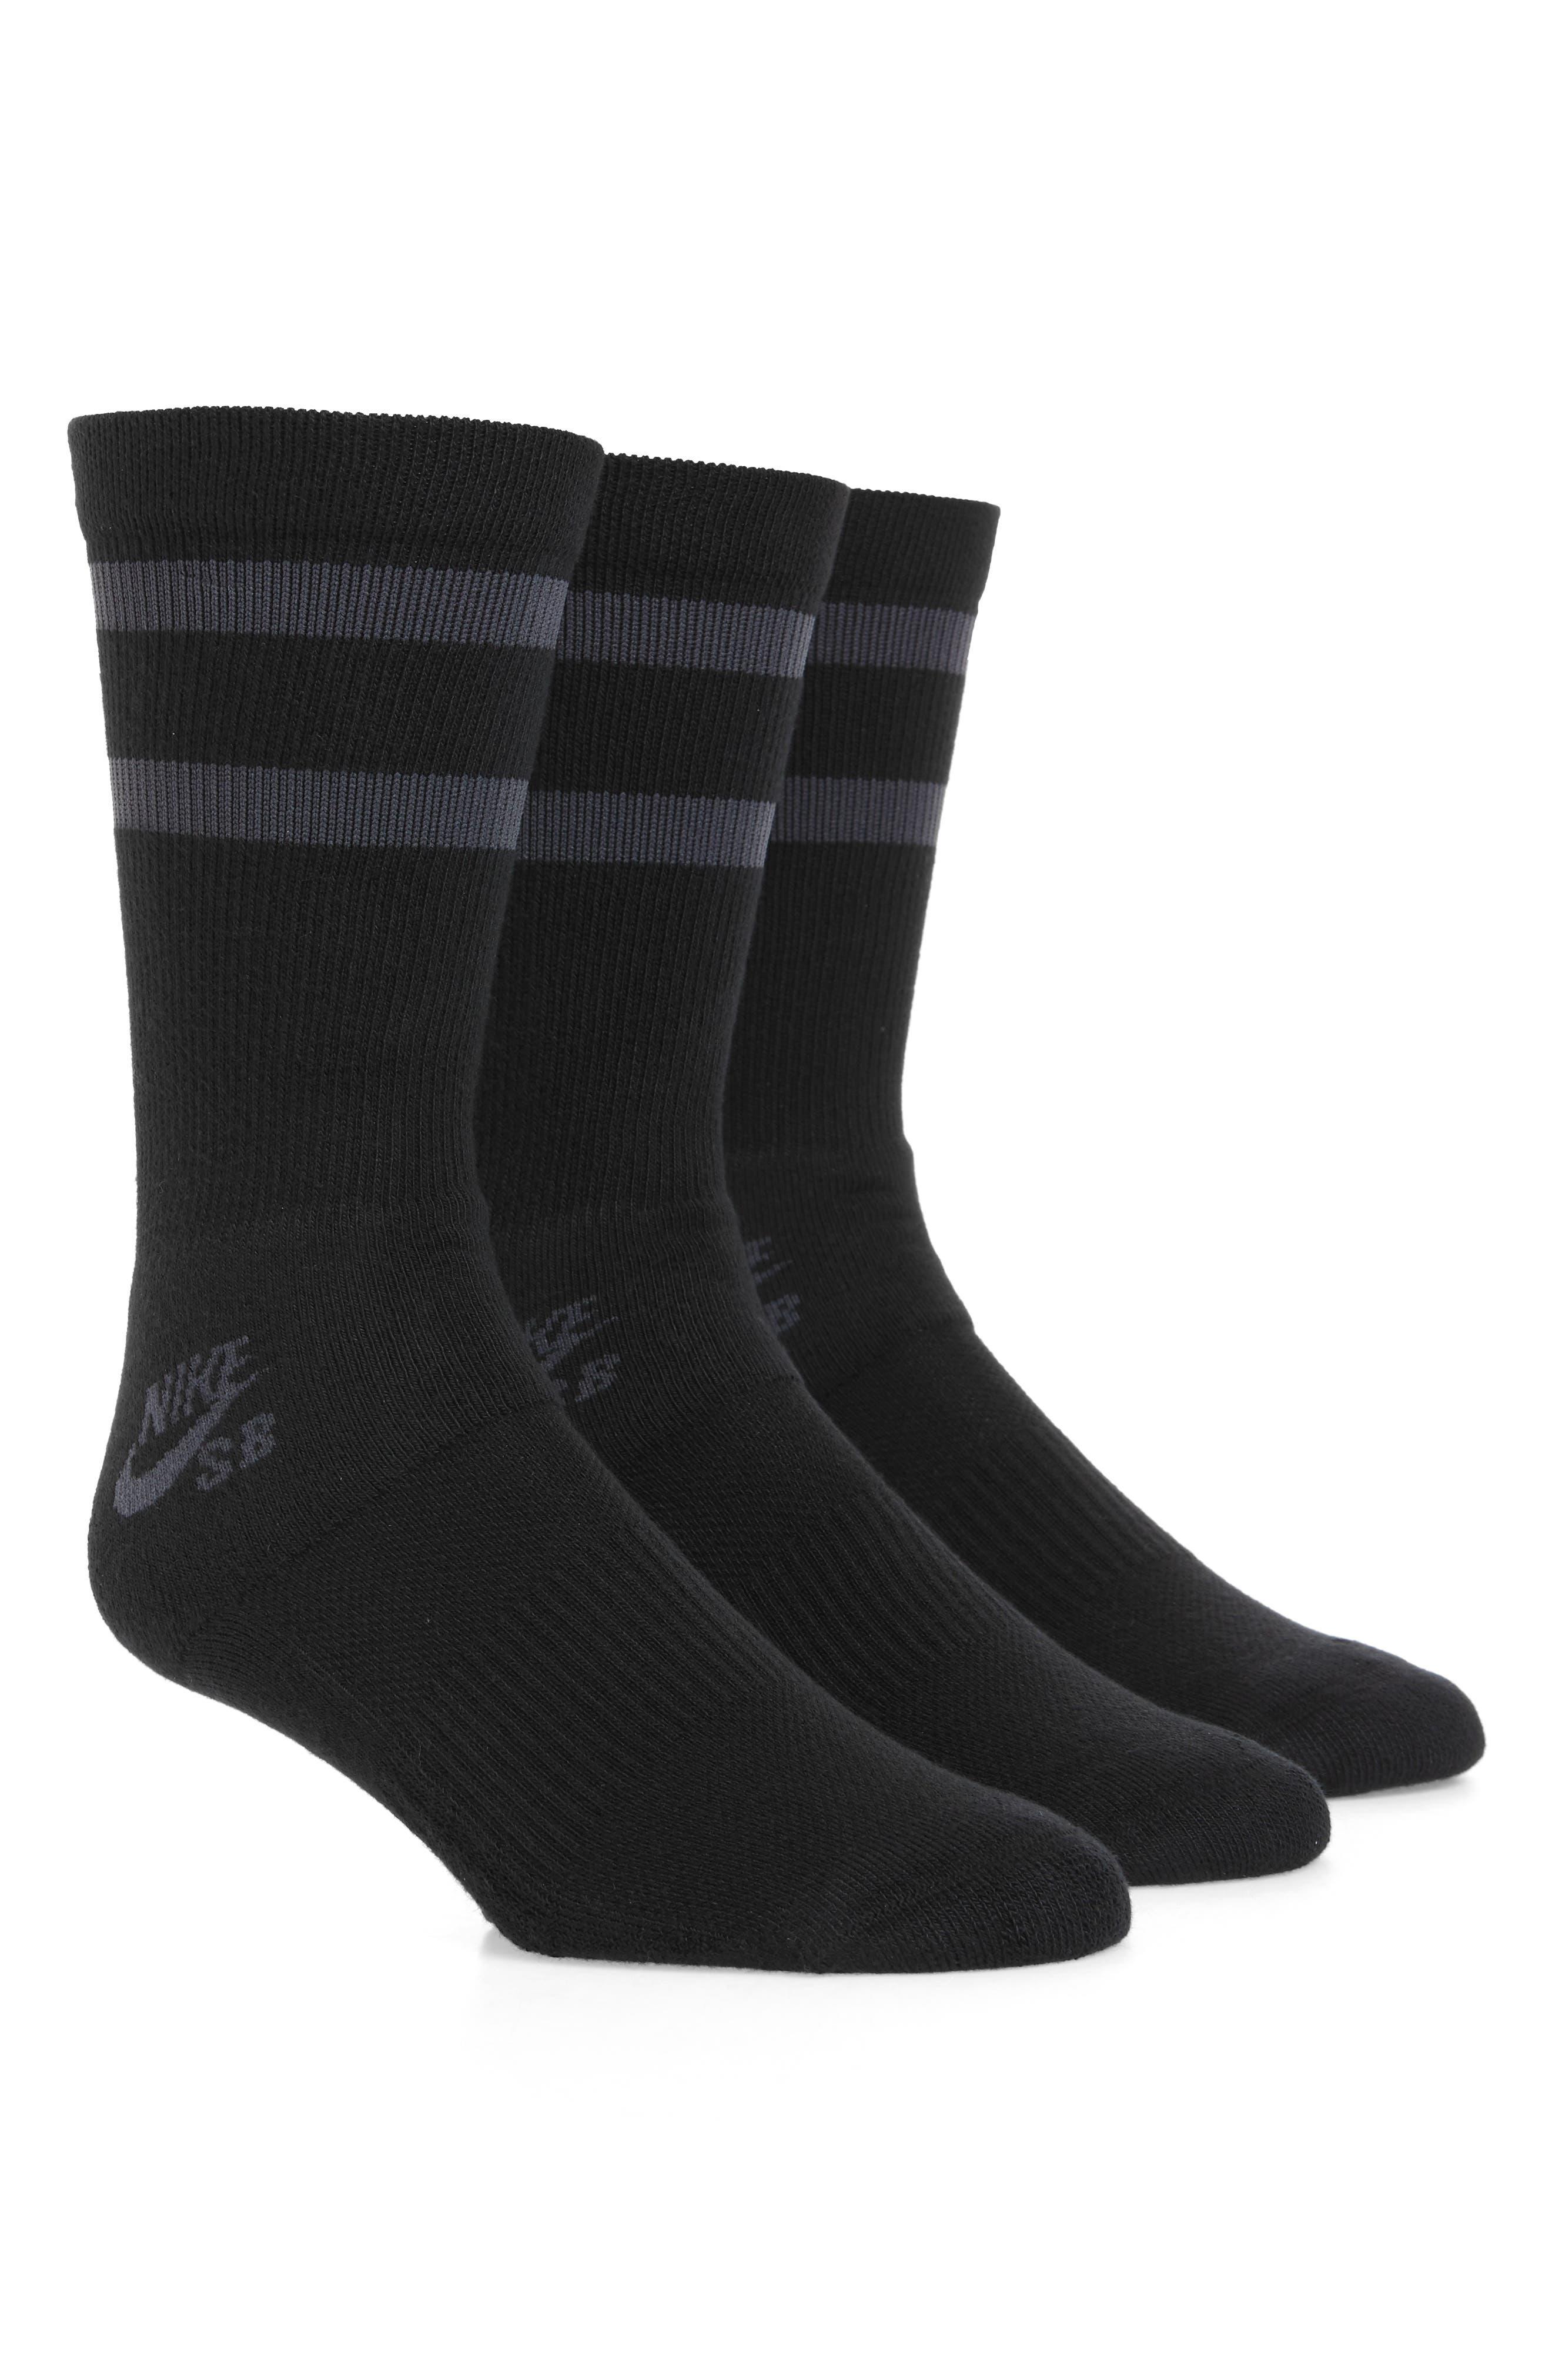 SB 3-Pack Crew Socks,                         Main,                         color, 001